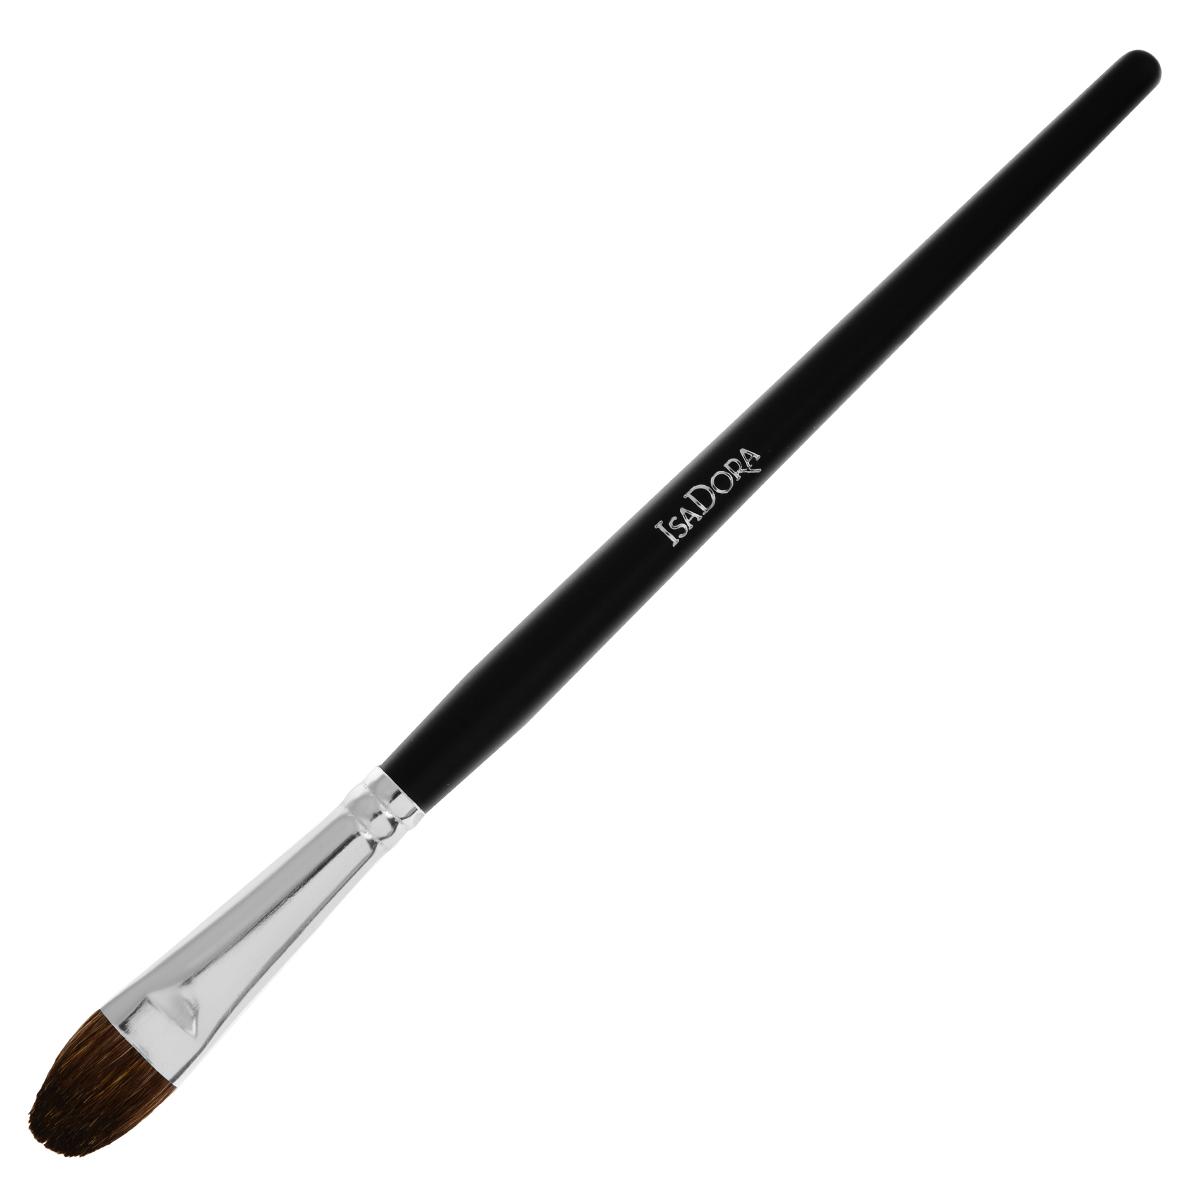 Isa Dora Кисть для теней Eye Shadow Brush Large, большая3925Большая кисть для теней Isa Dora Eye Shadow Brush Large - незаменимый инструмент для создания идеального макияжа глаз. Кисть имеет оптимальный размер и форму для эффективной и равномерной растушевки теней, позволяет создать плавные переходы цвета. Кисть изготовлена из натурального волоса, стерилизована. Длинная профессиональная ручка выполнена из высококачественного пластика.Товар сертифицирован.